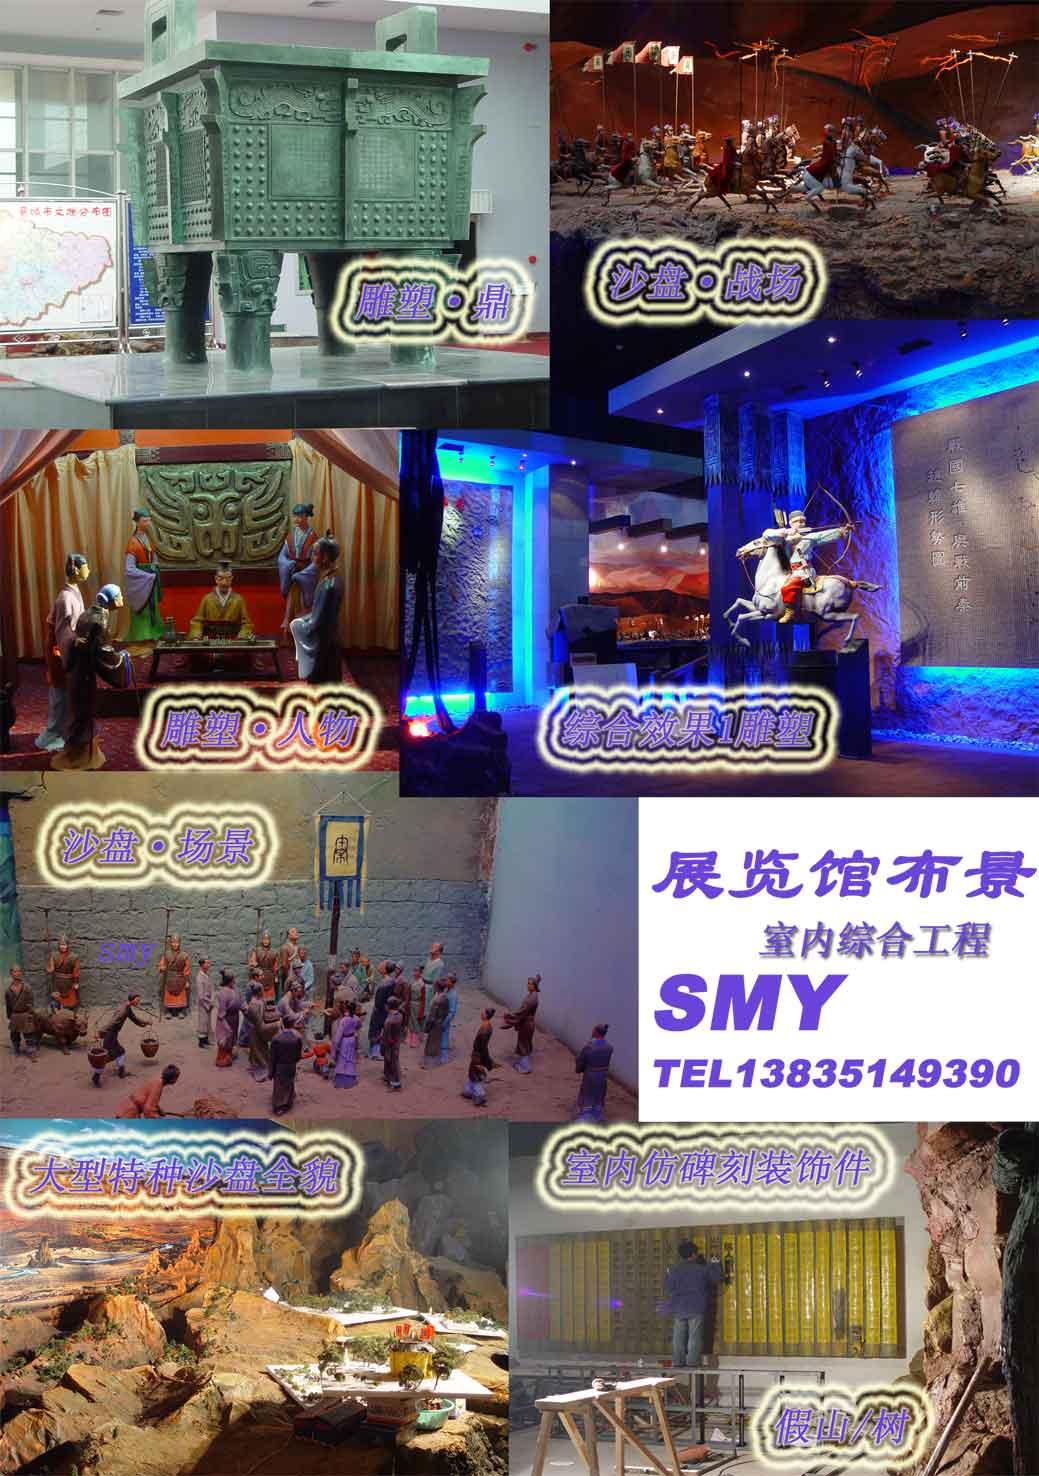 太原古城沙盘制作 平遥古城代县古城沙盘新万博最新版本下载沙盘制作。